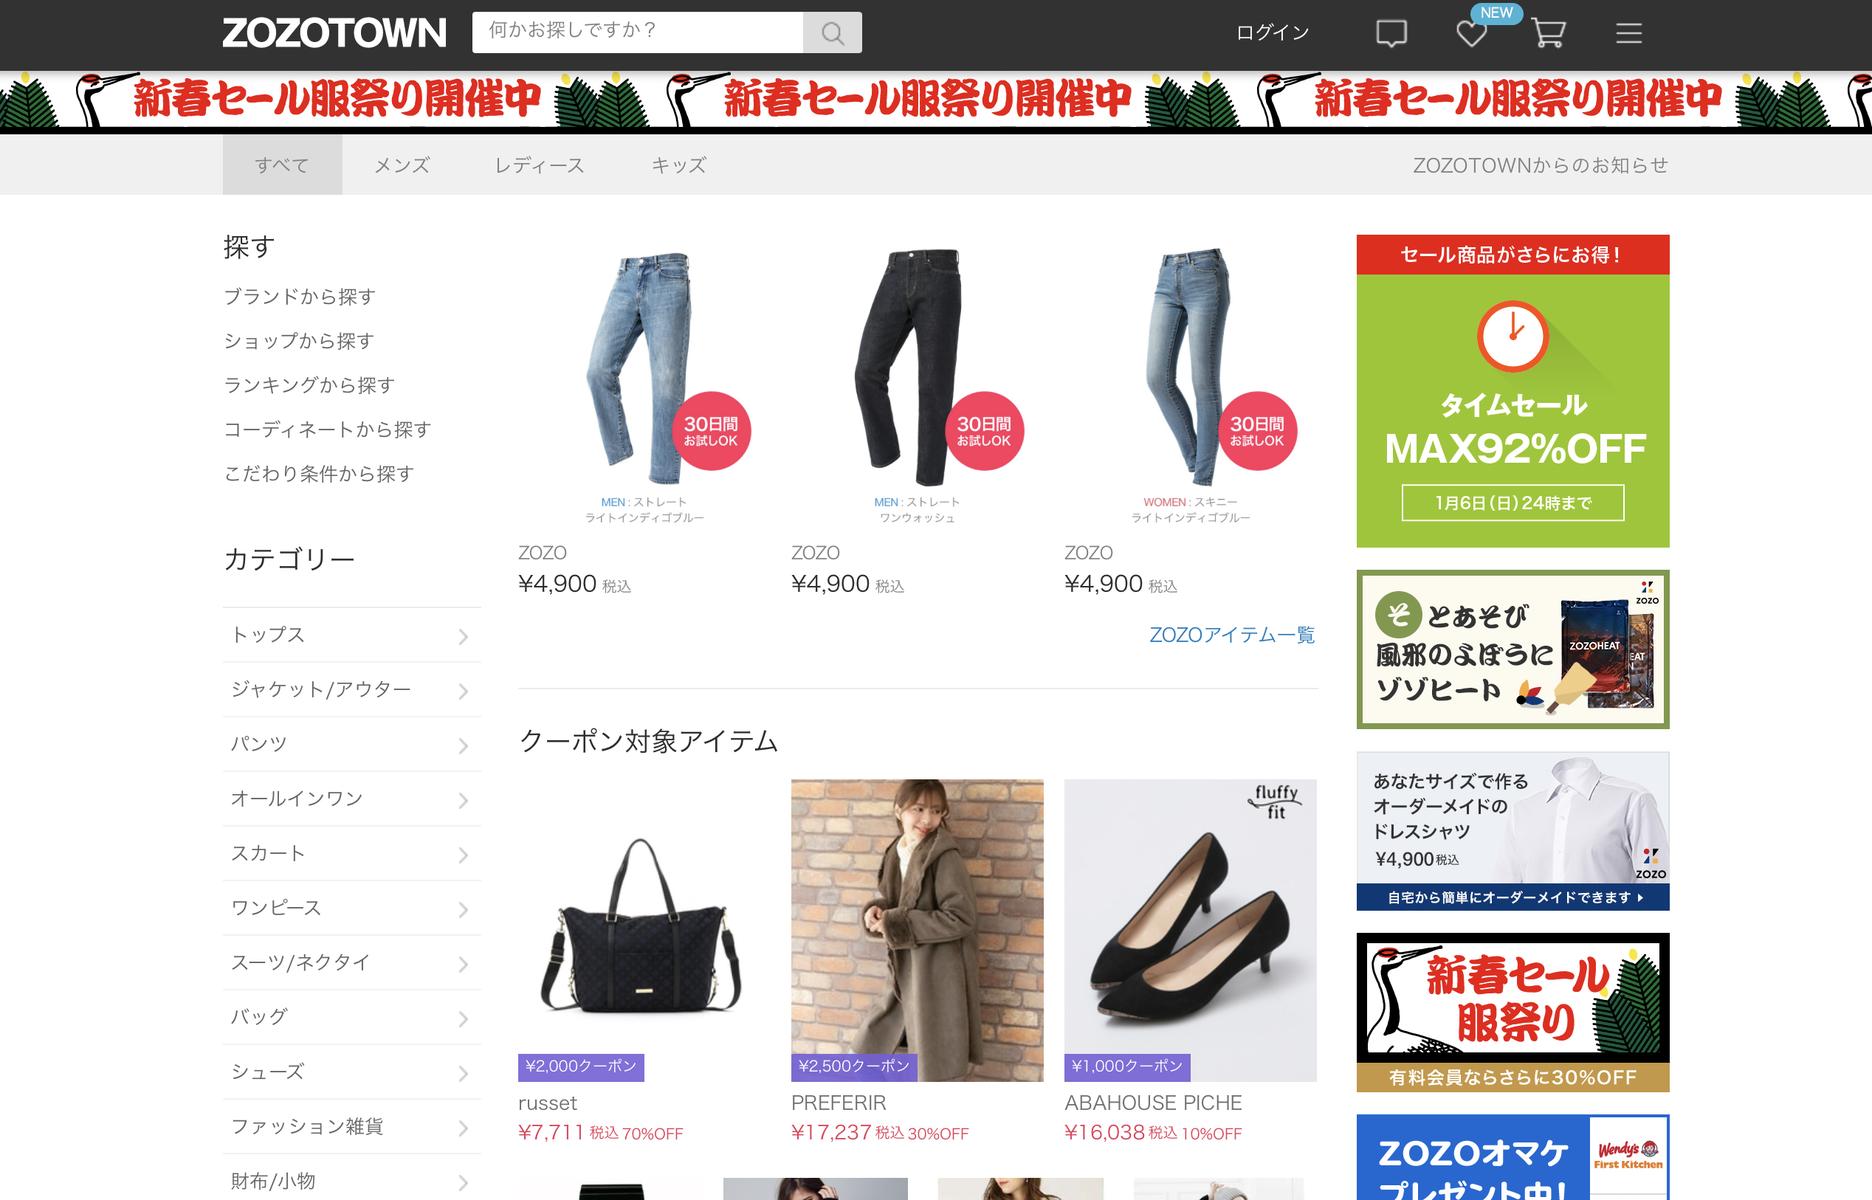 約7000のブランドが出店する、国内最大のファッション通販サイトZOZOTOWNからの撤退を決めたオンワード。多くのブランドは圧倒的な集客力を誇るゾゾタウン依存から